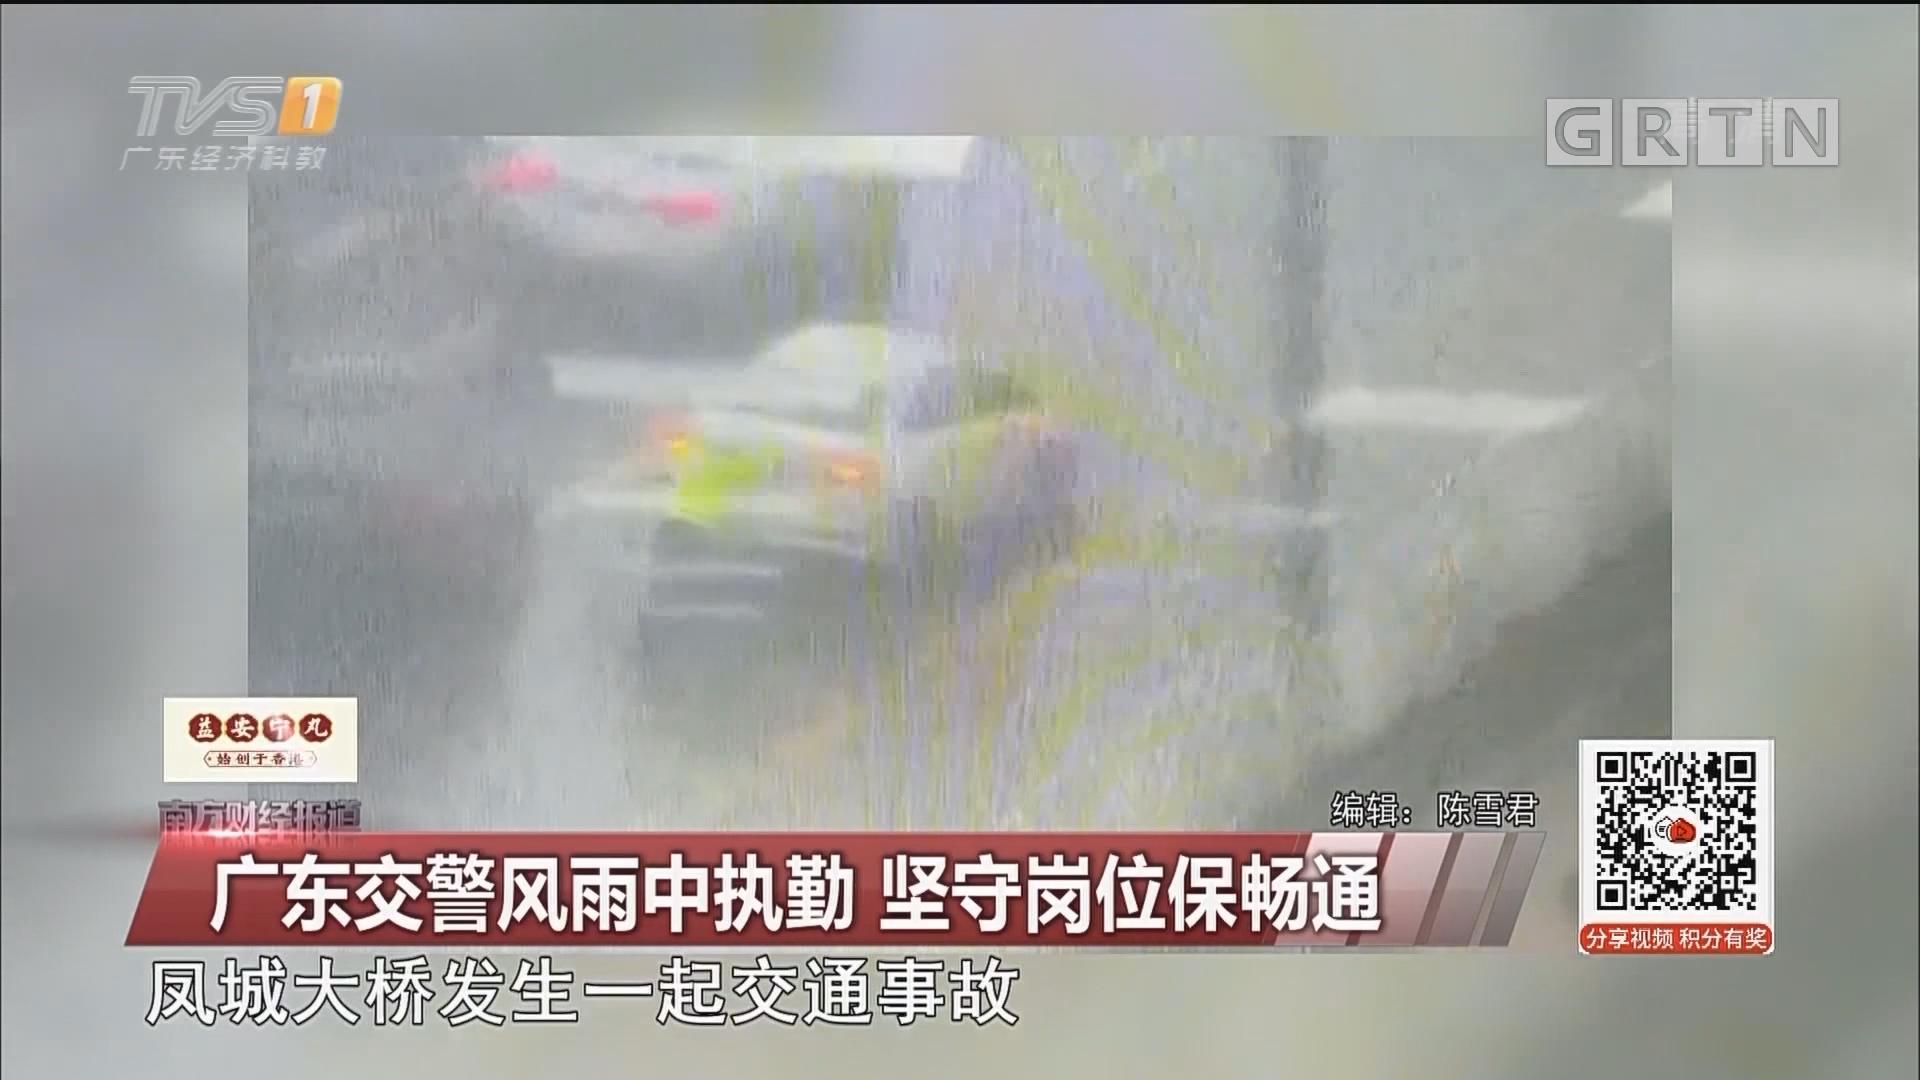 廣東交警風雨中執勤 堅守崗位保暢通